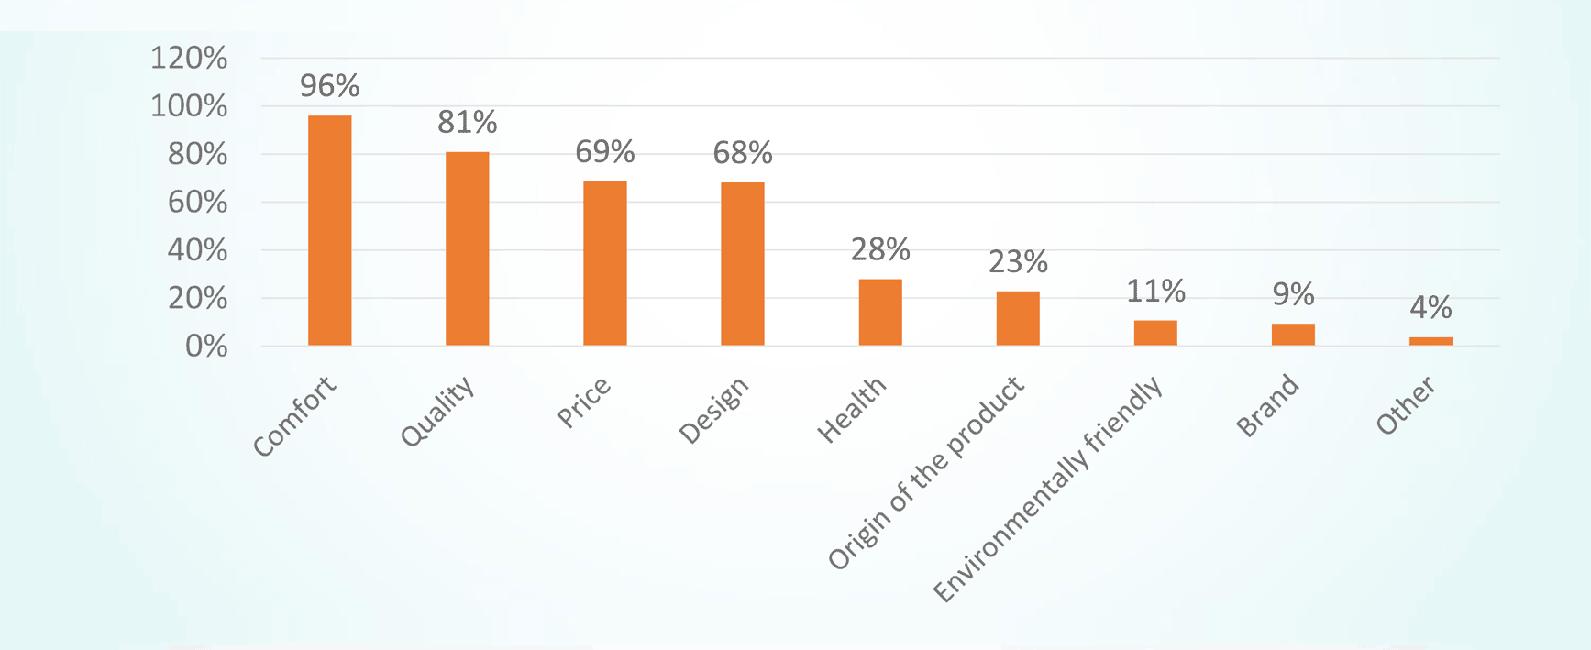 Estadística sobre los aspectos más importantes de calzado para el consumidor europeo